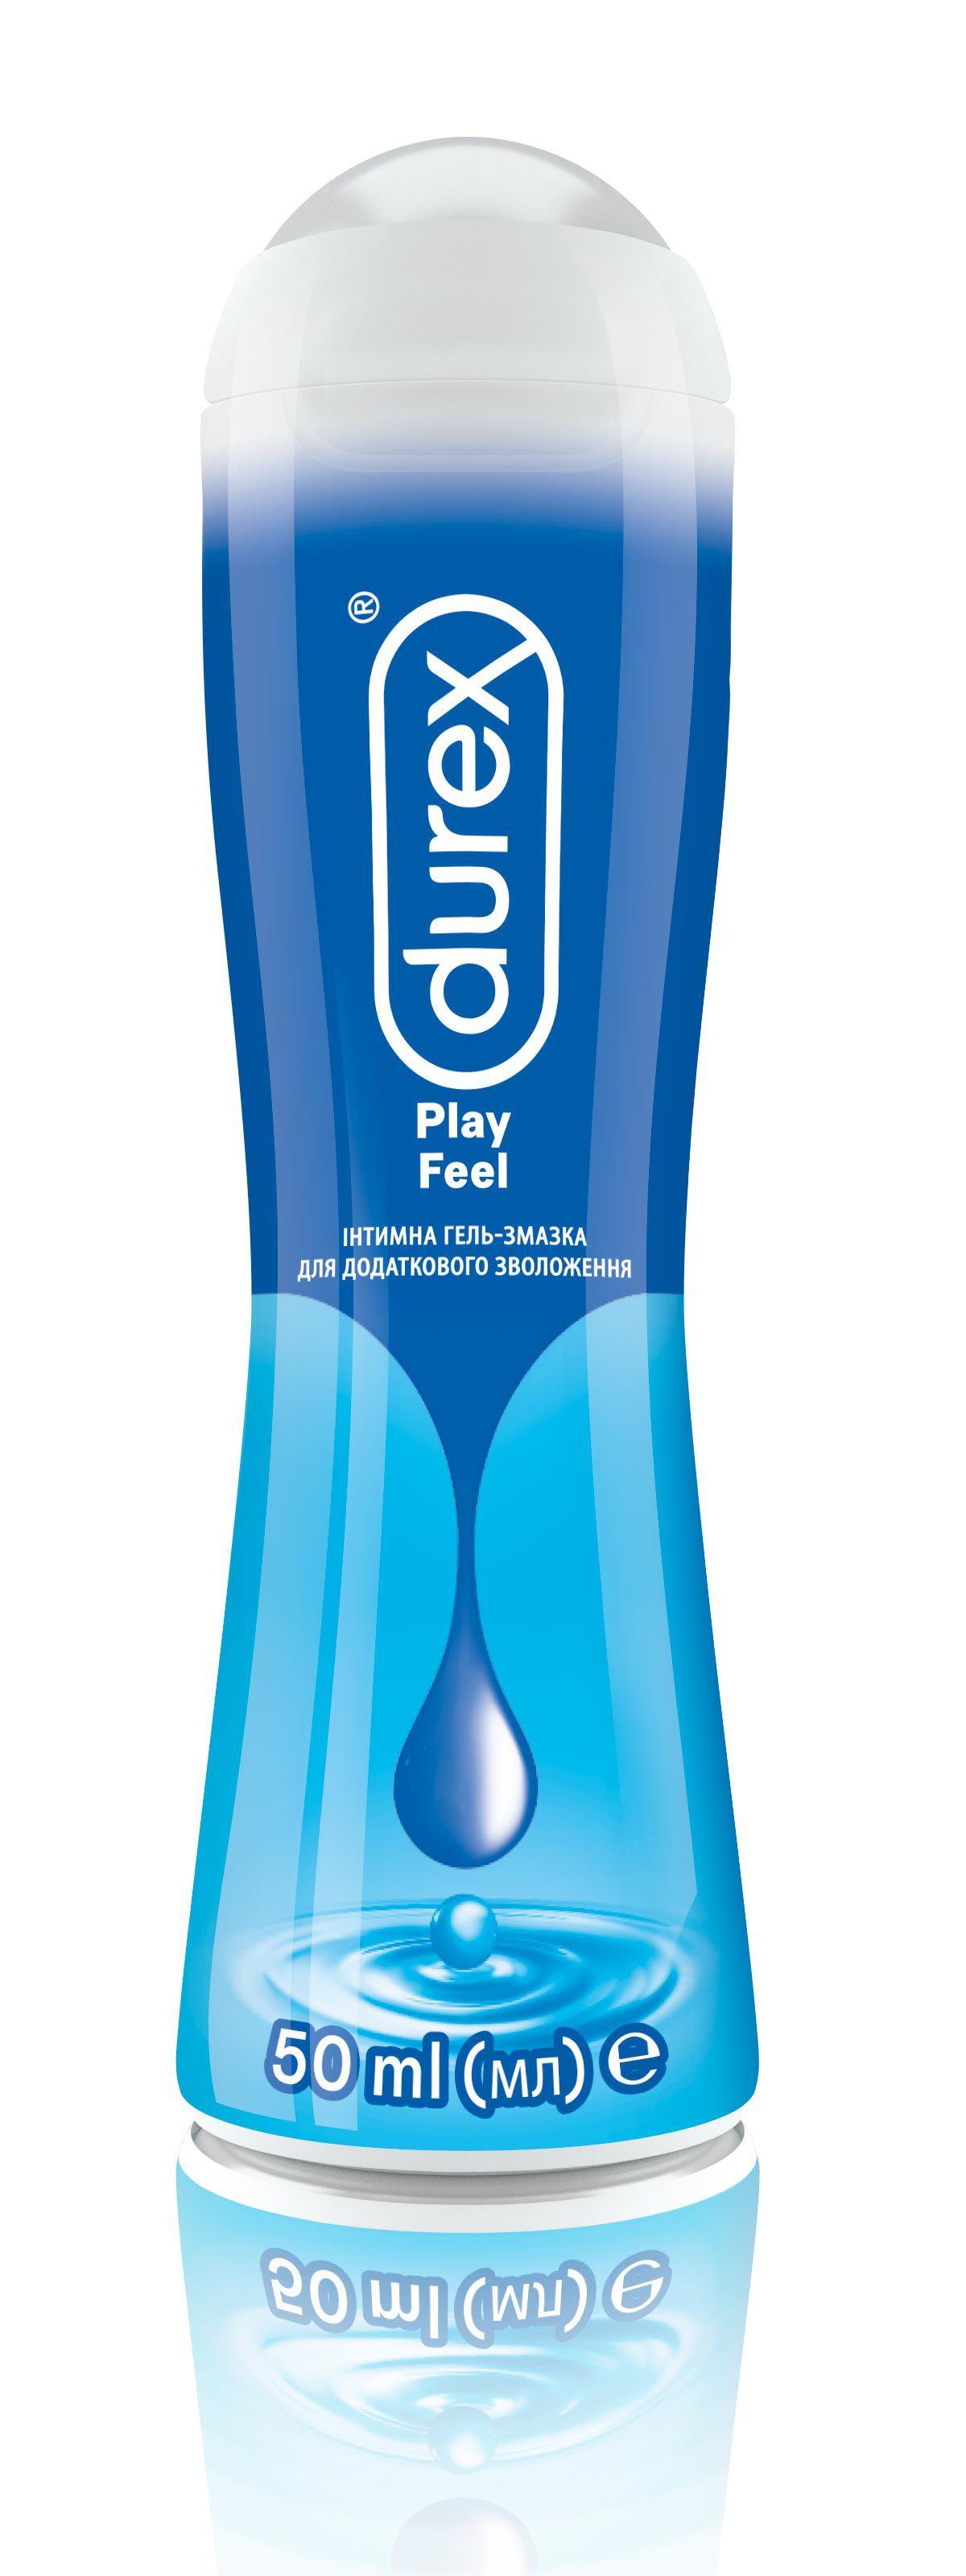 Intymna hel zmazka Durex Play Feel, 50ml